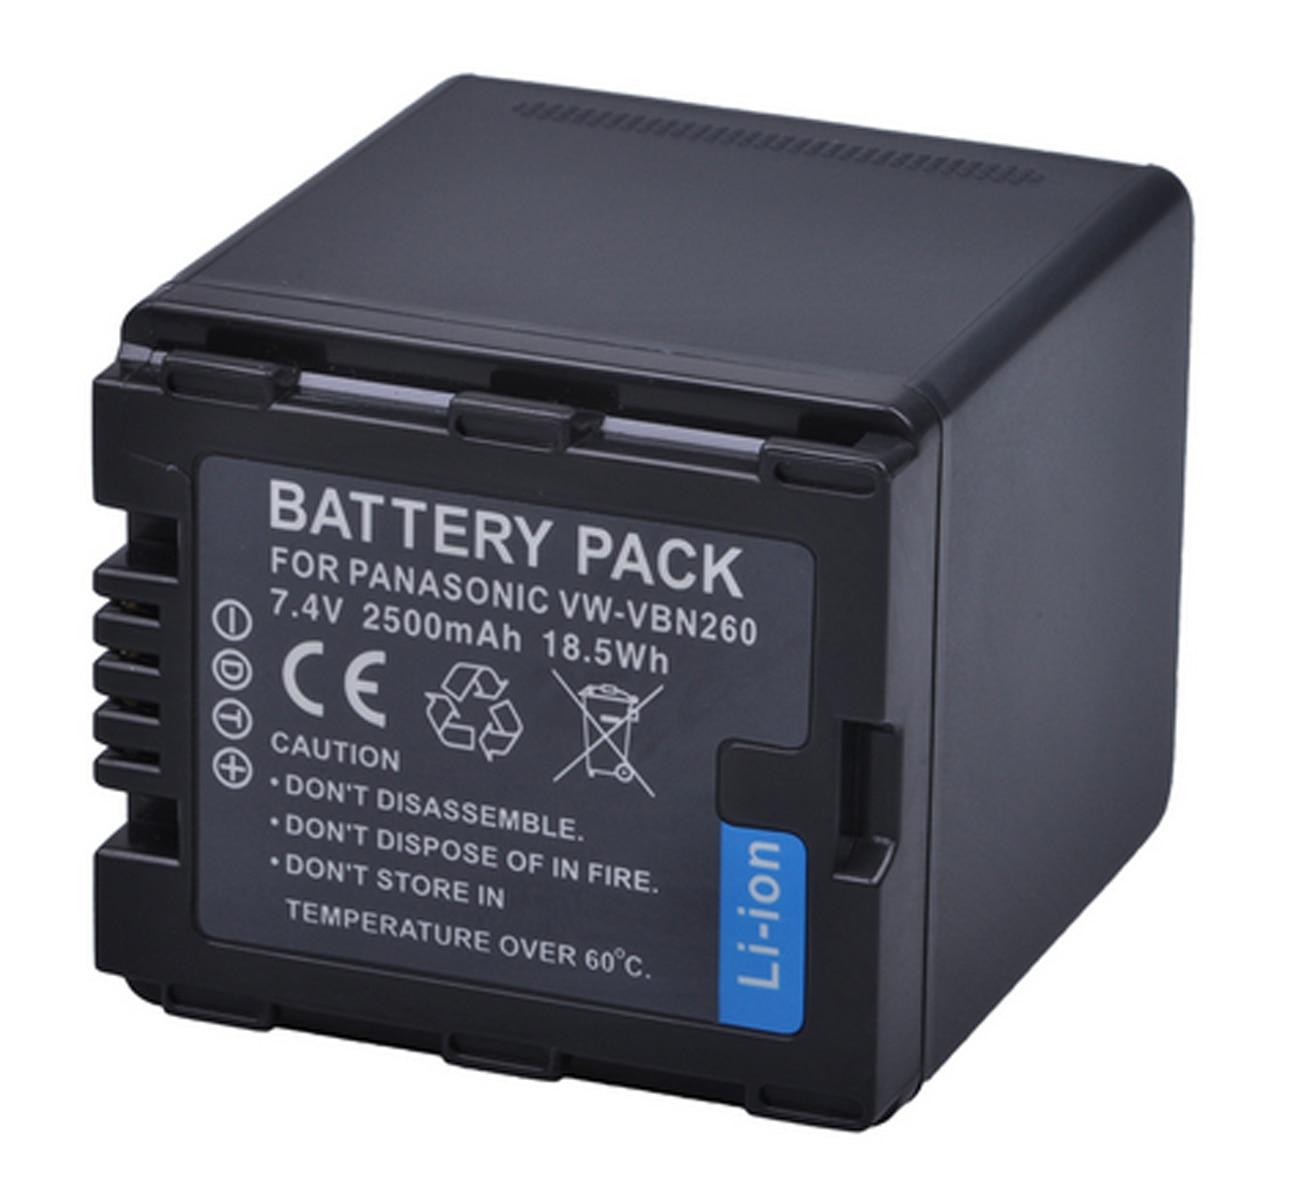 Paquete de baterías recargables de iones de litio para Panasonic VW-VBN130, VW-VBN260, VW-VBN260E, VW-VBN260E-K, VW-VBN390